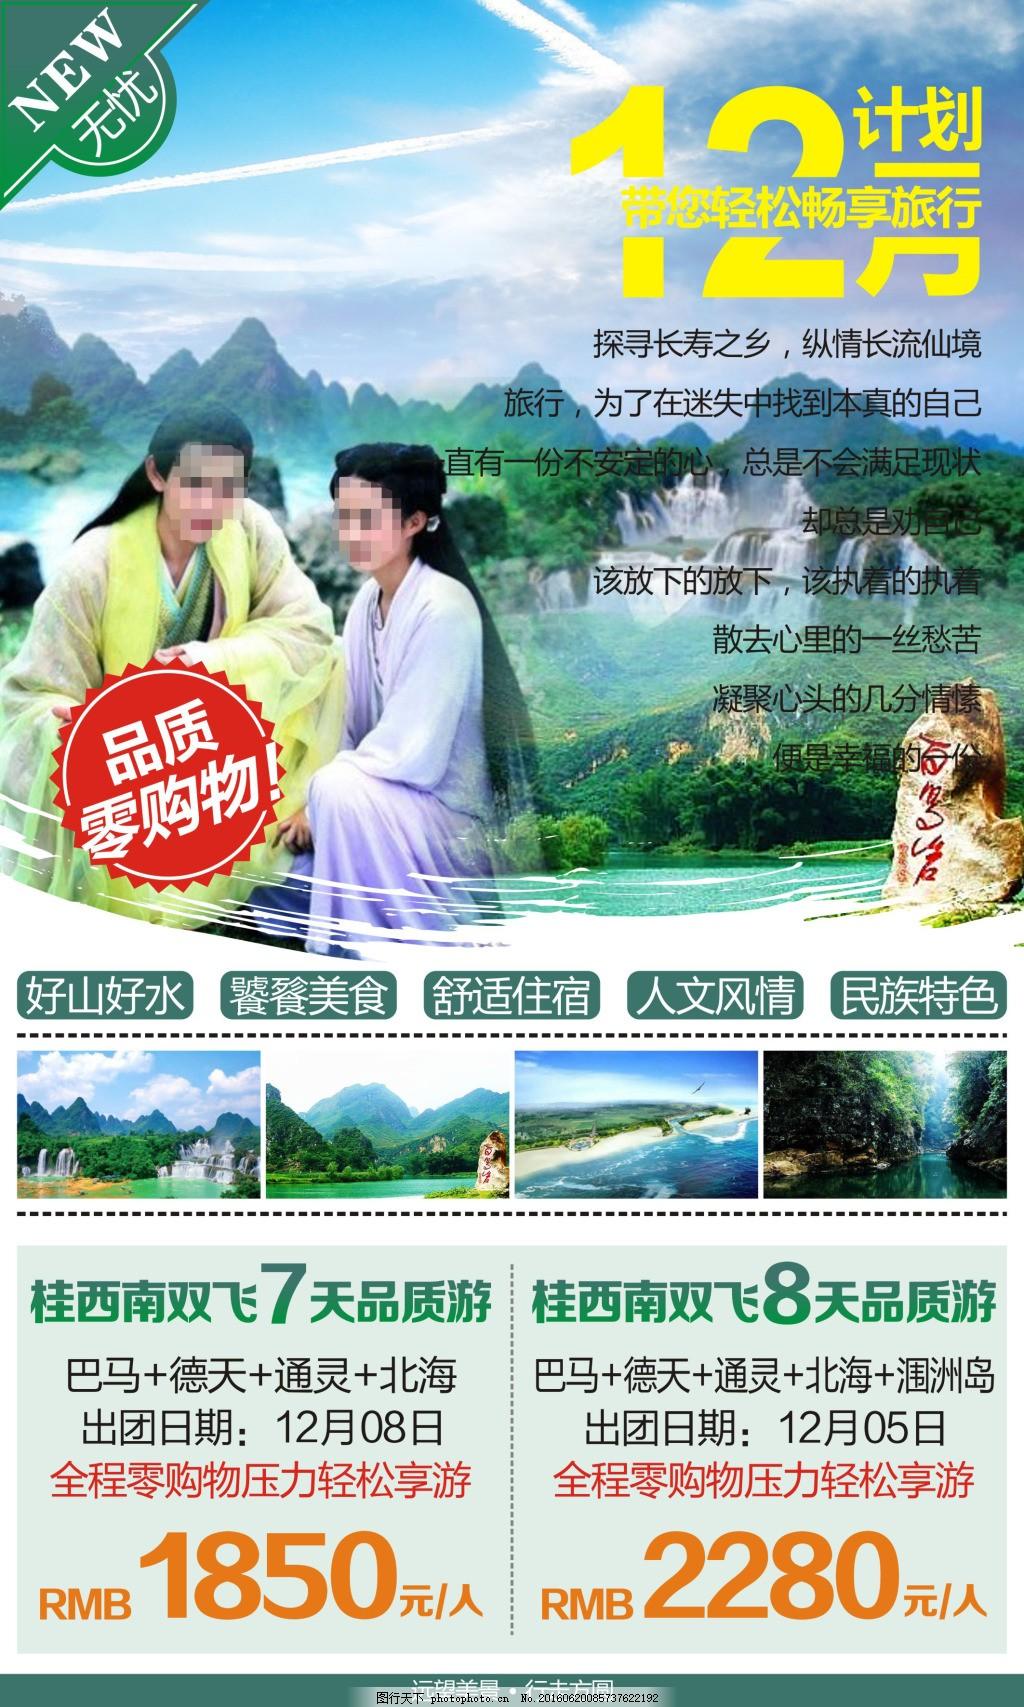 桂西南旅游广告 巴马 德天 通灵 北海 涠洲岛旅游广告 旅游宣传